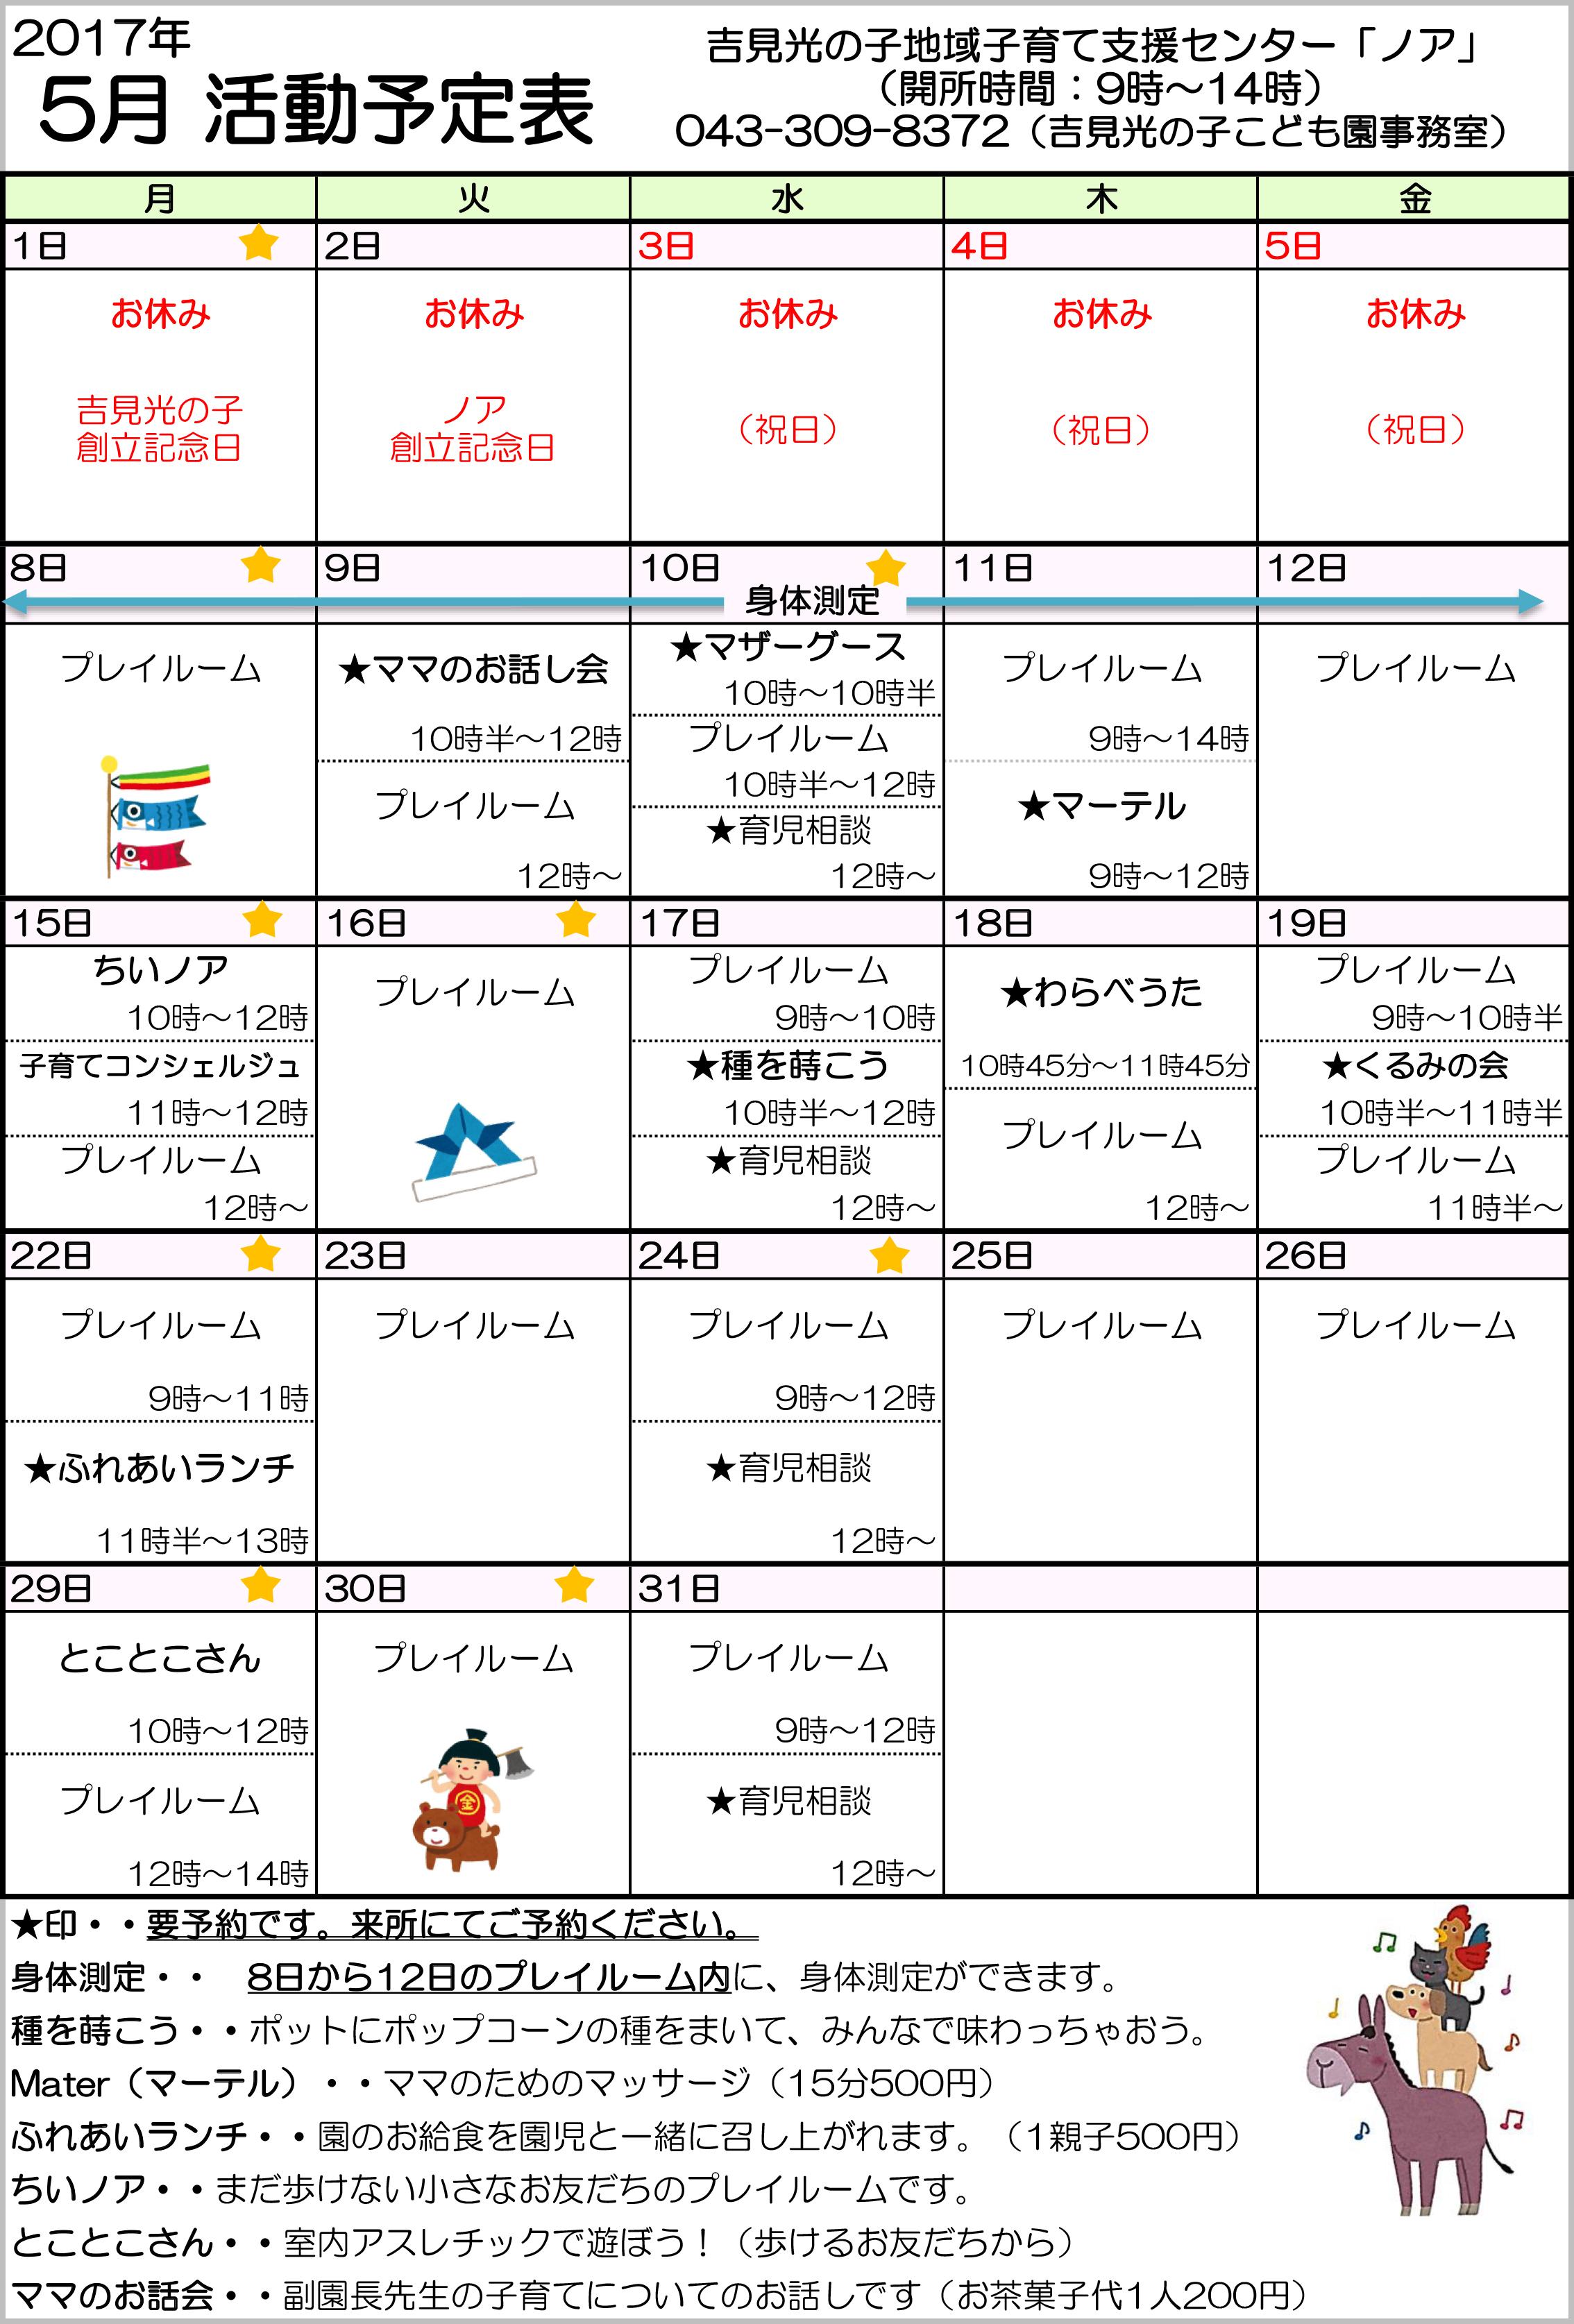 5月ノア活動予定表